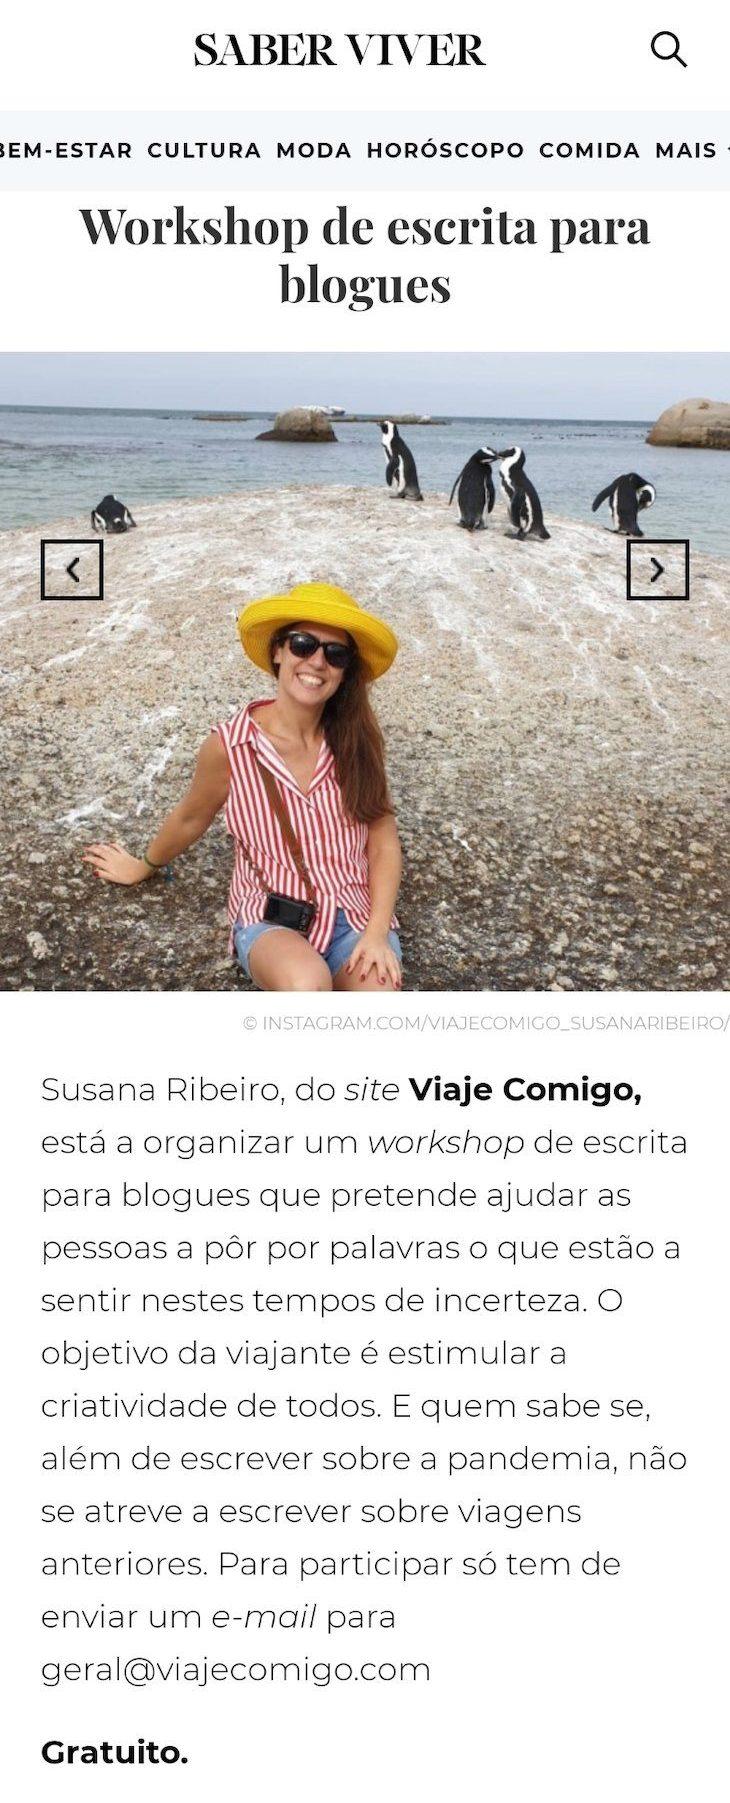 Viaje Comigo - Workshop Escrita na revista Saber Viver